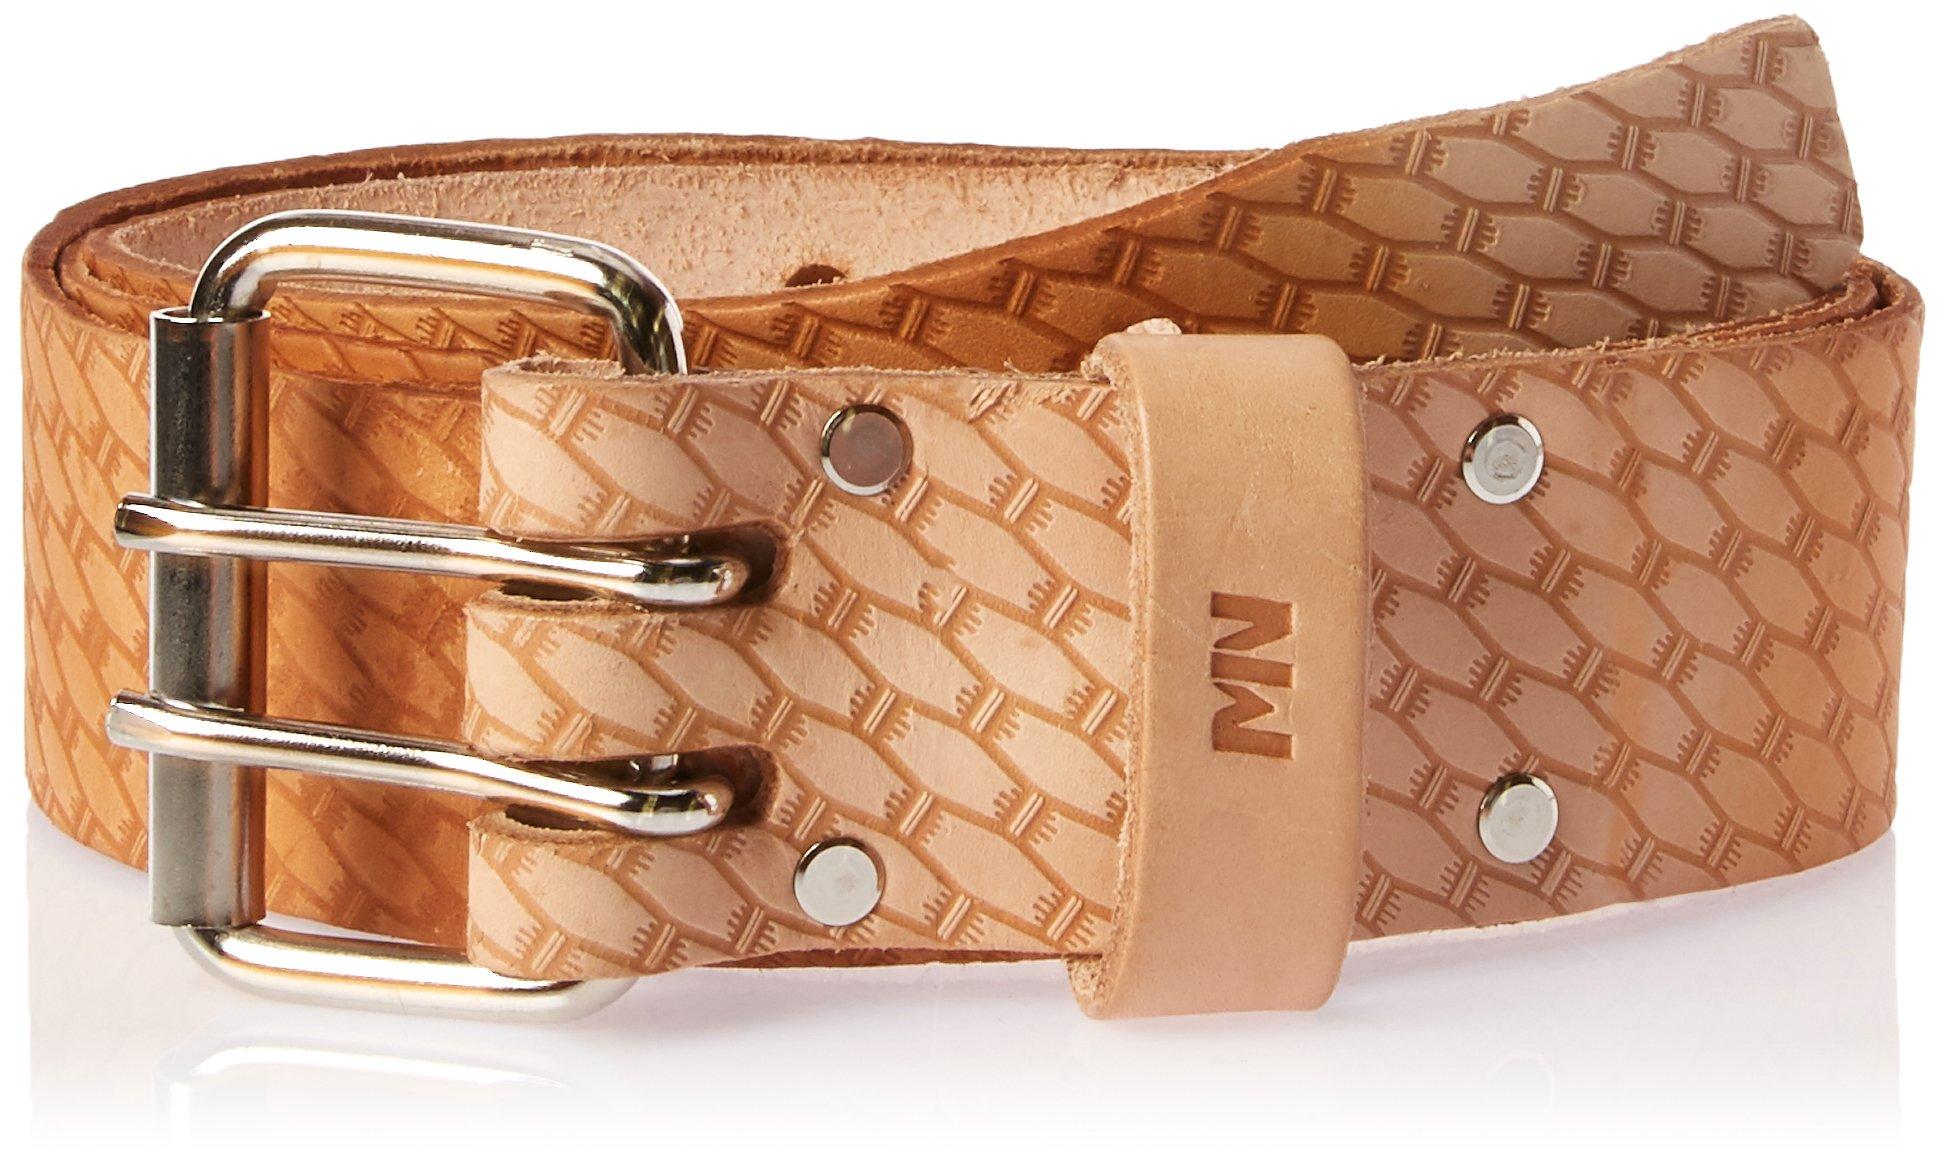 McGuire-Nicholas 960-XL 44-54'', 2'' Saddle Leather Belt, Natural